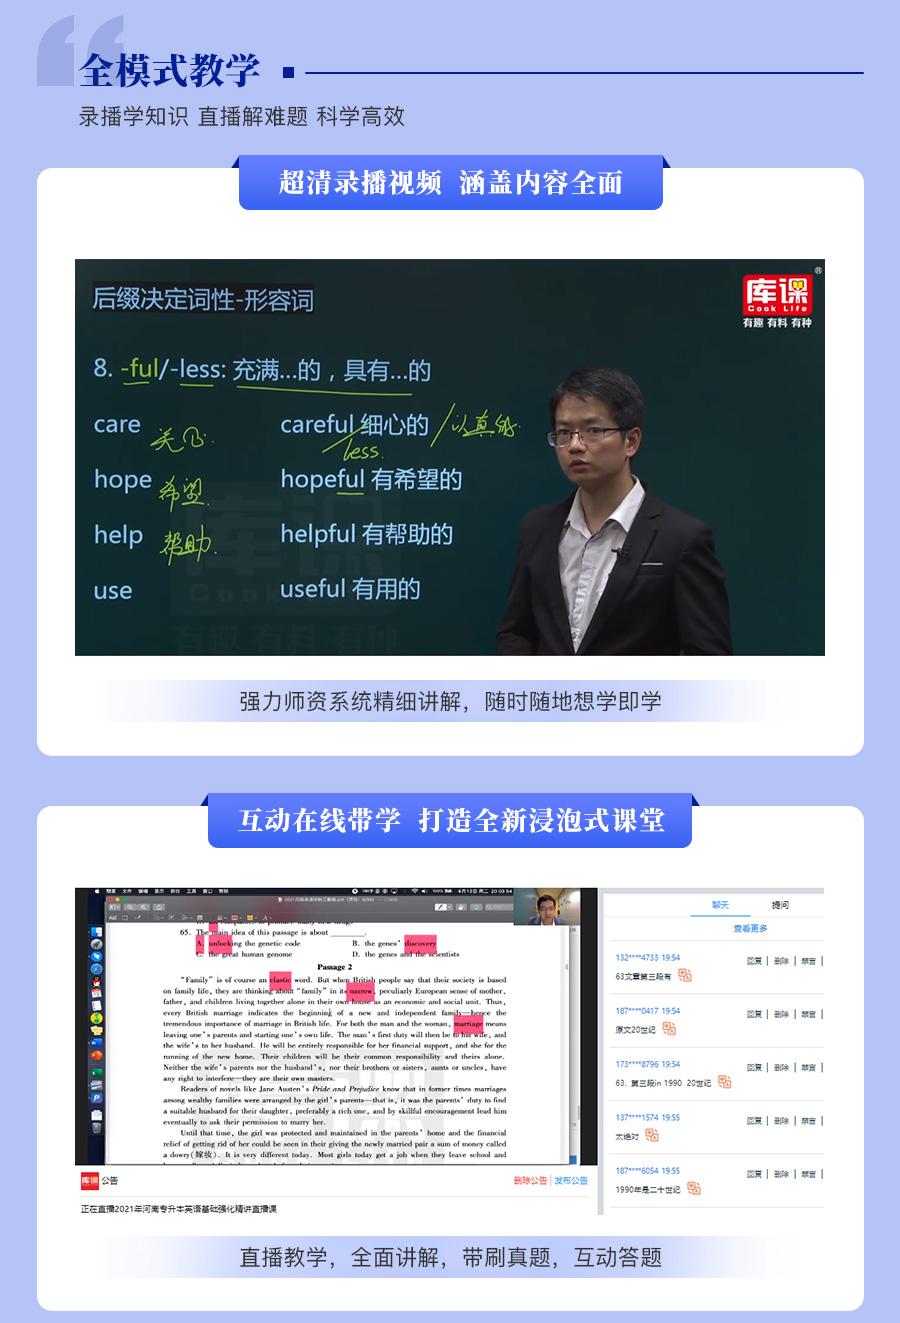 云南-vip-英语+高数_04.jpg